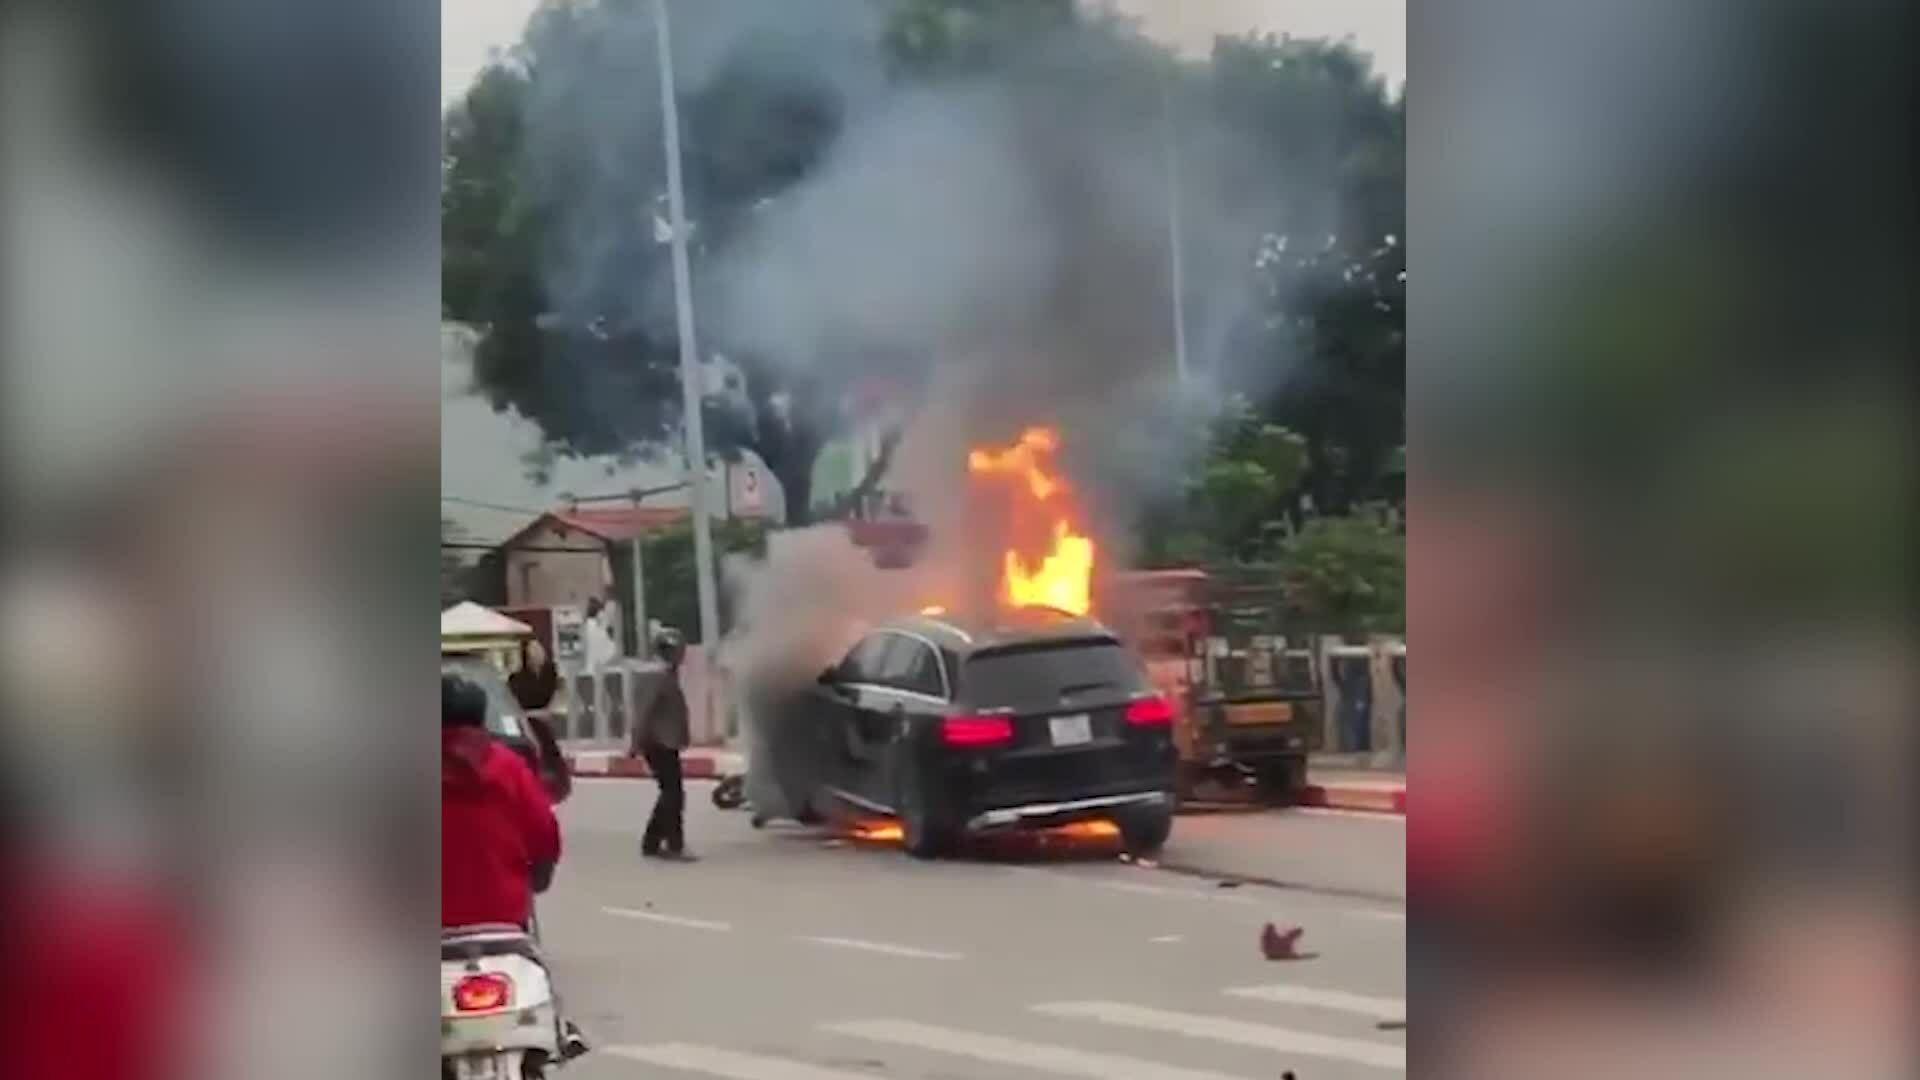 Mercedes đâm liên hoàn rồi phát nổ một phụ nữ tử vong